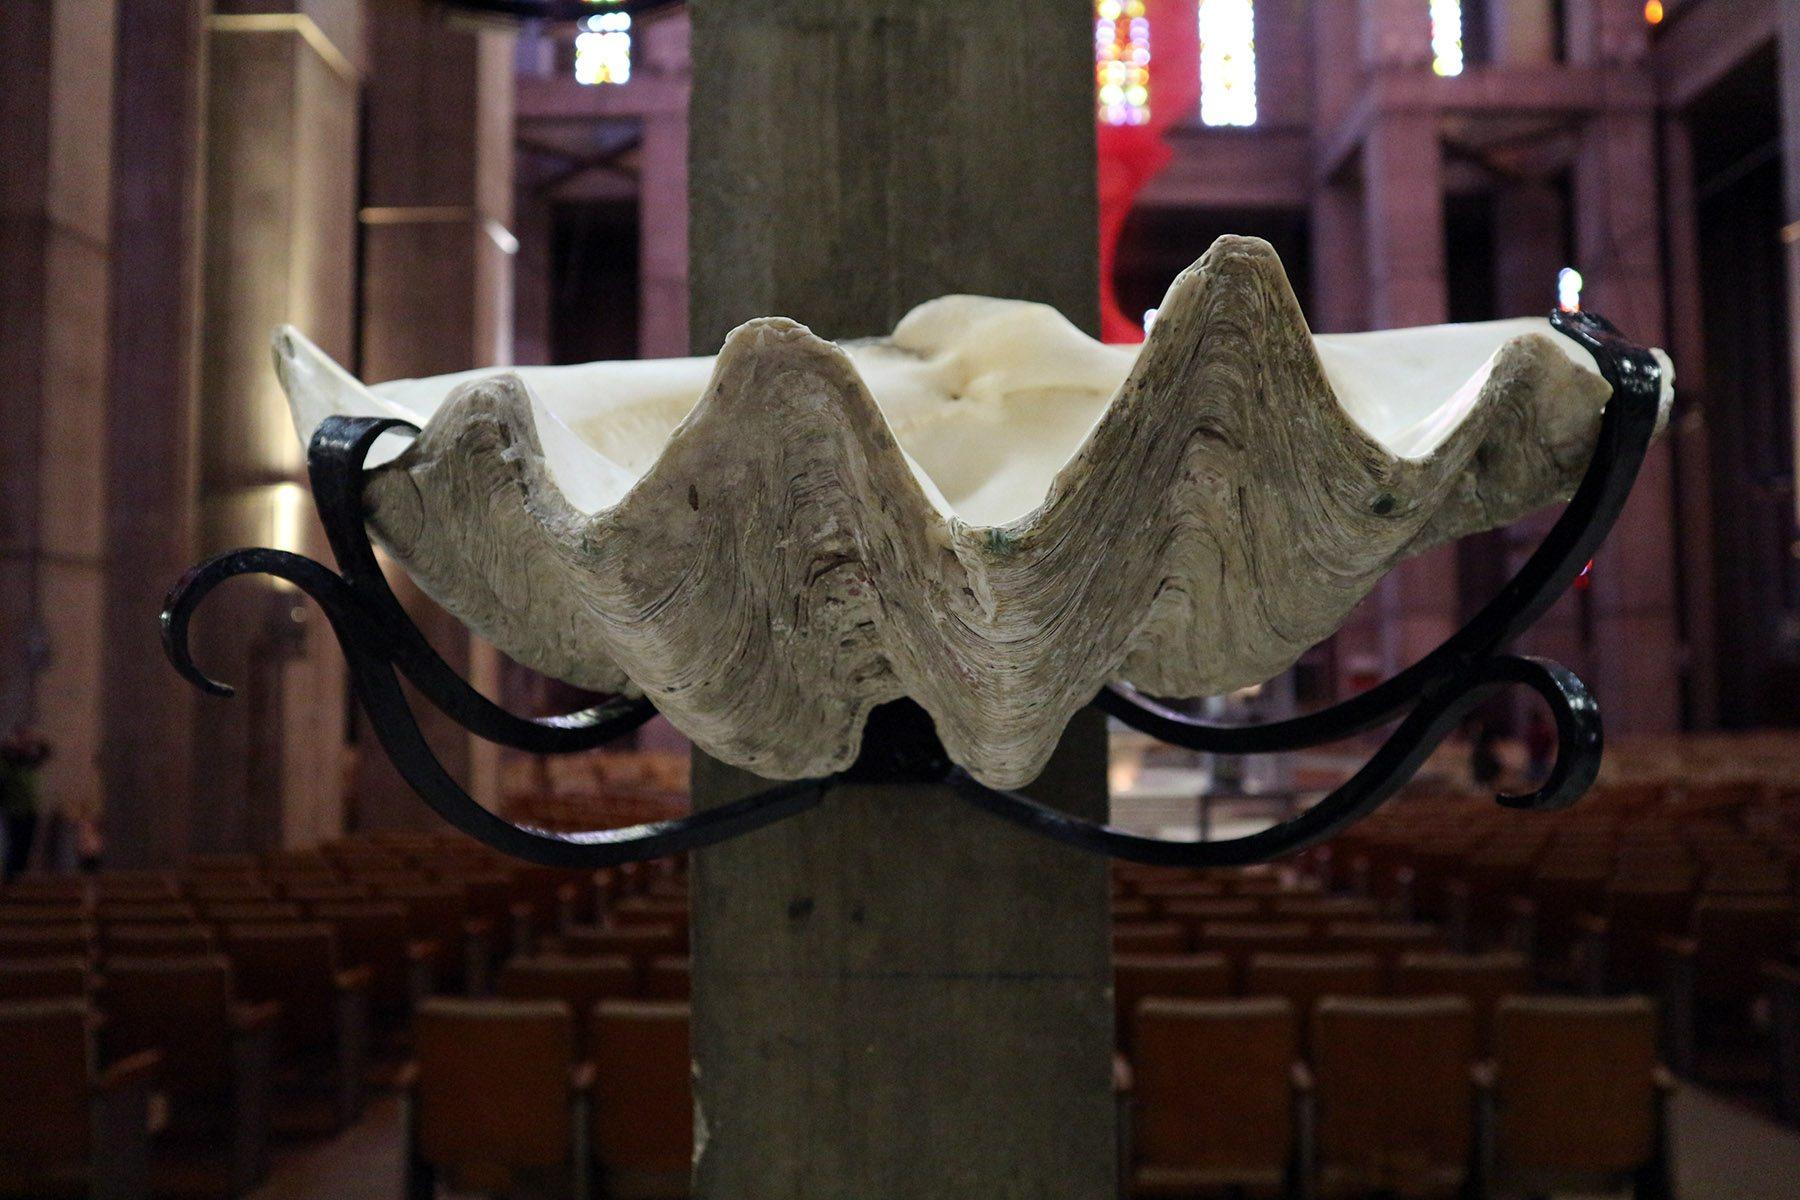 Église Saint-Joseph du Havre. Ein ganz besonderes Weihwasserbecken.